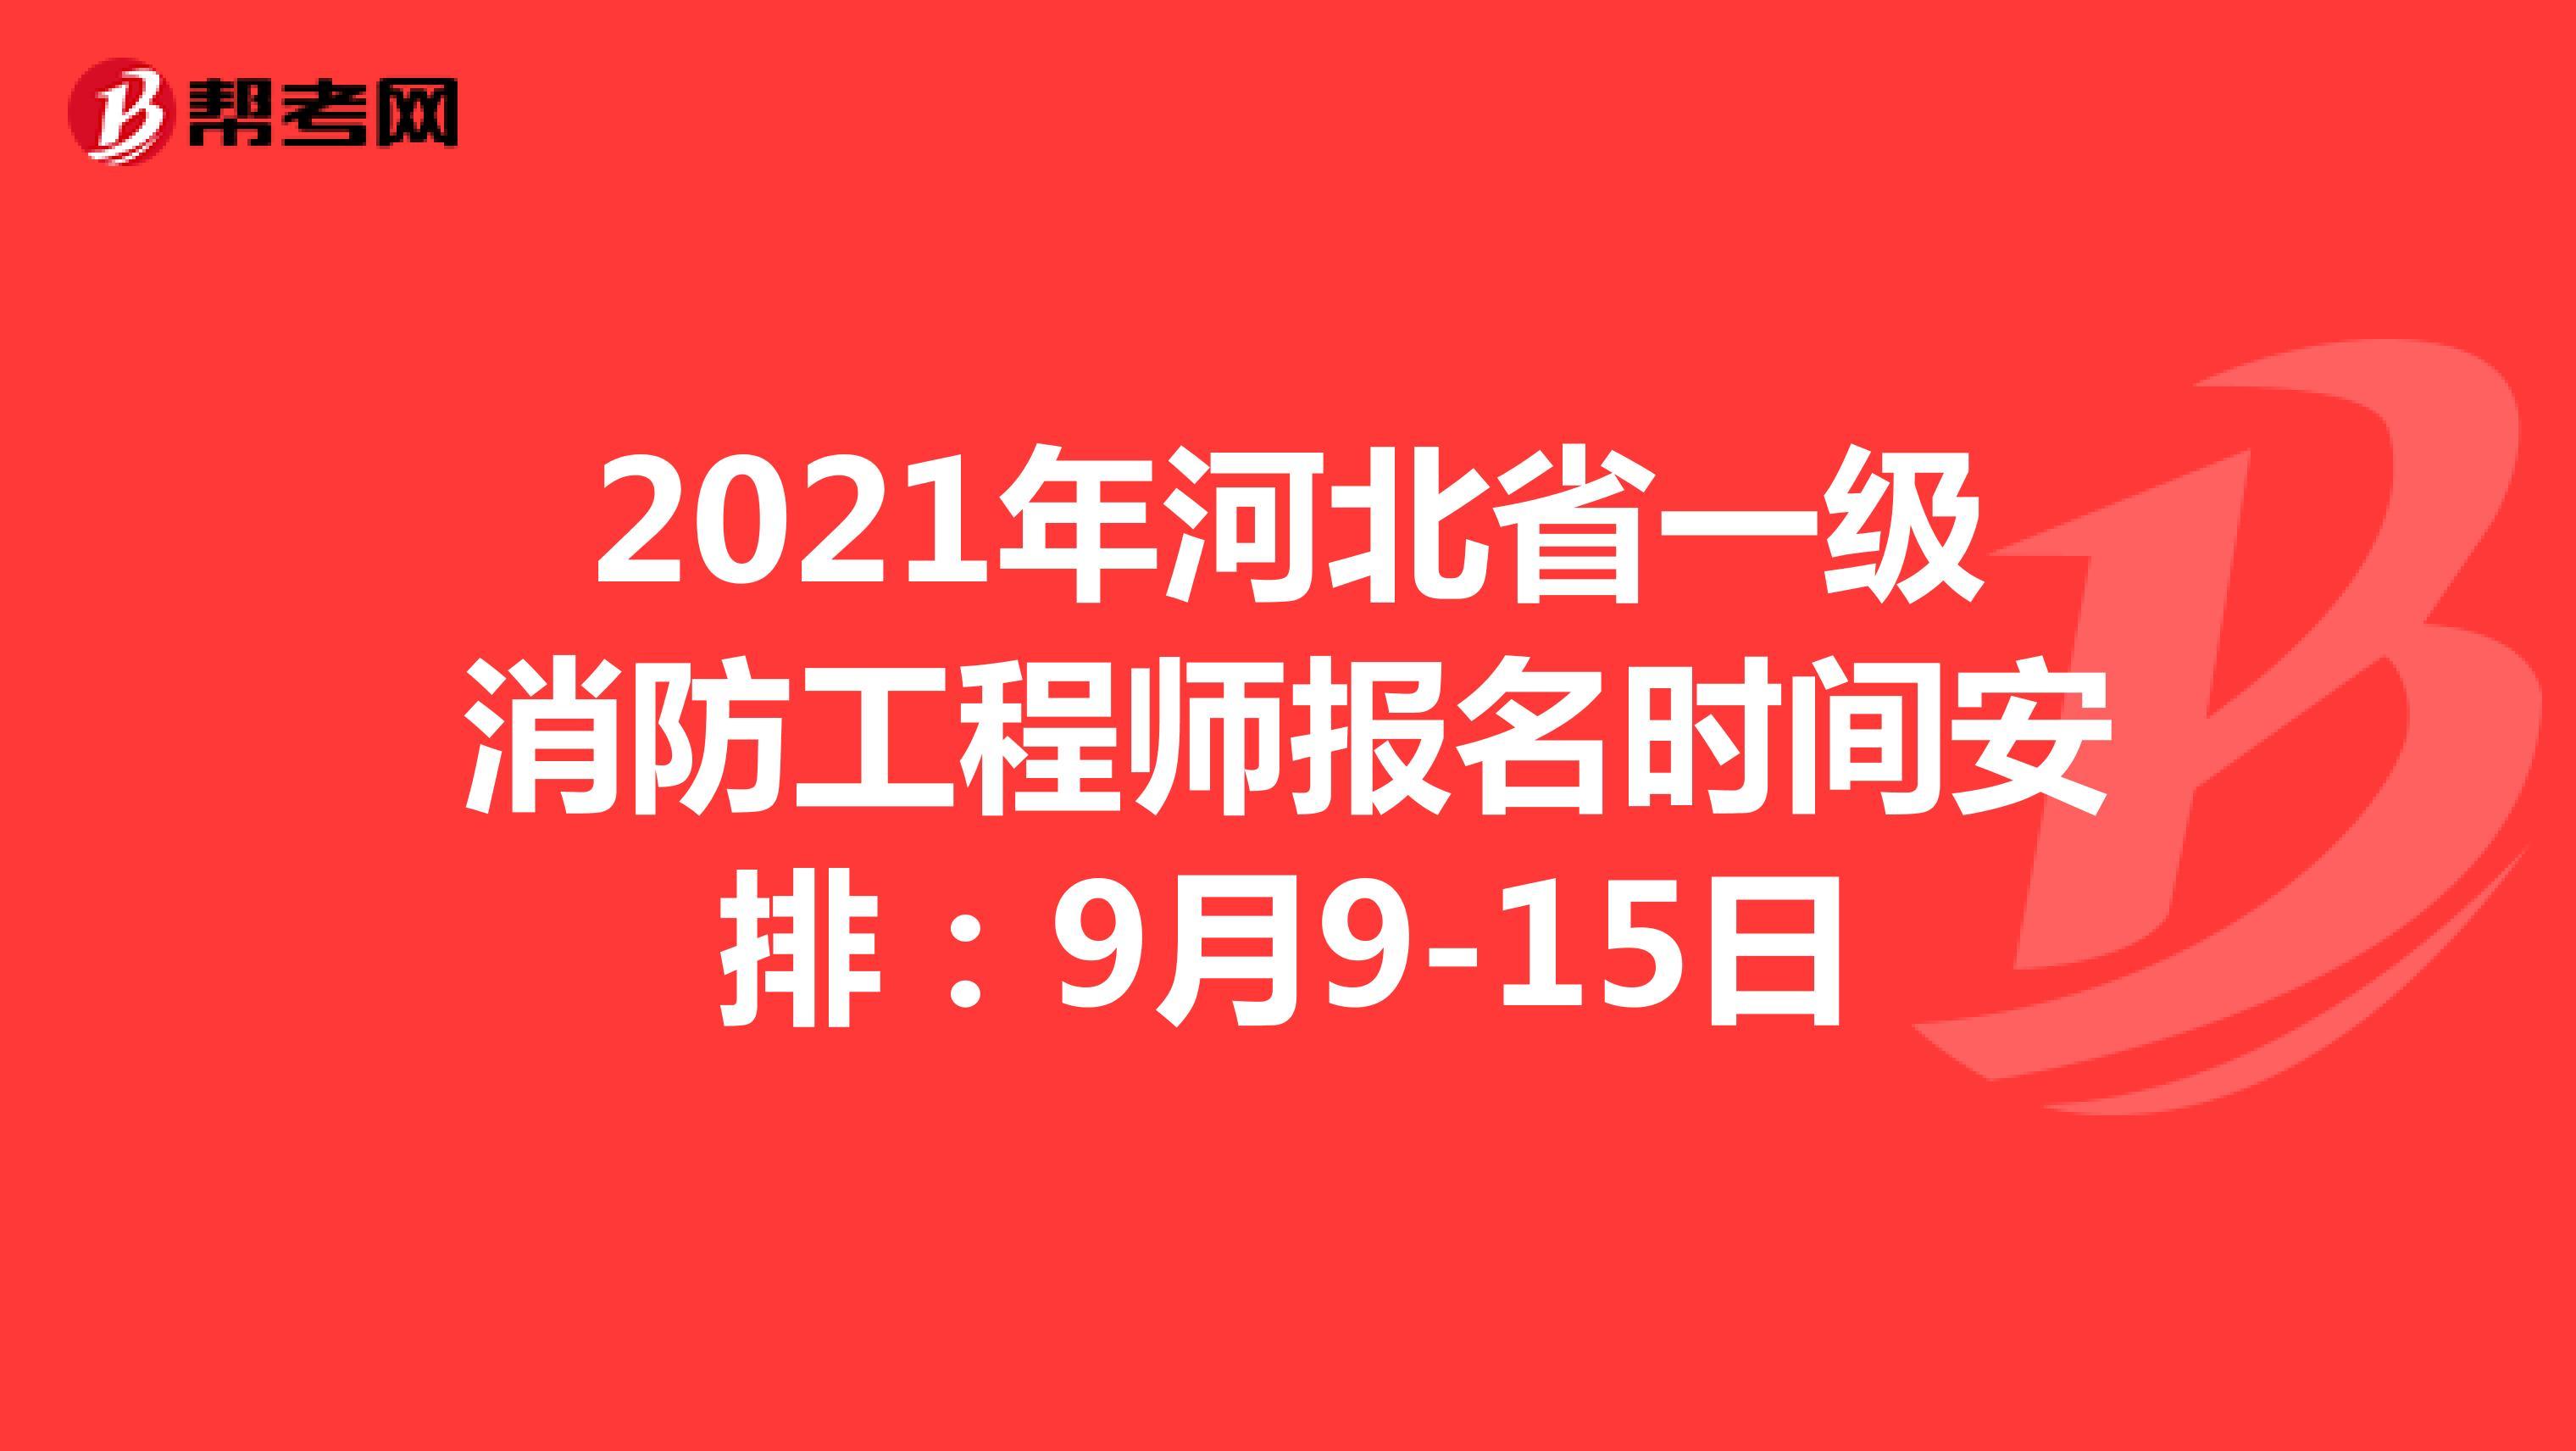 2021年河北省一级消防工程师报名时间安排:9月9-15日